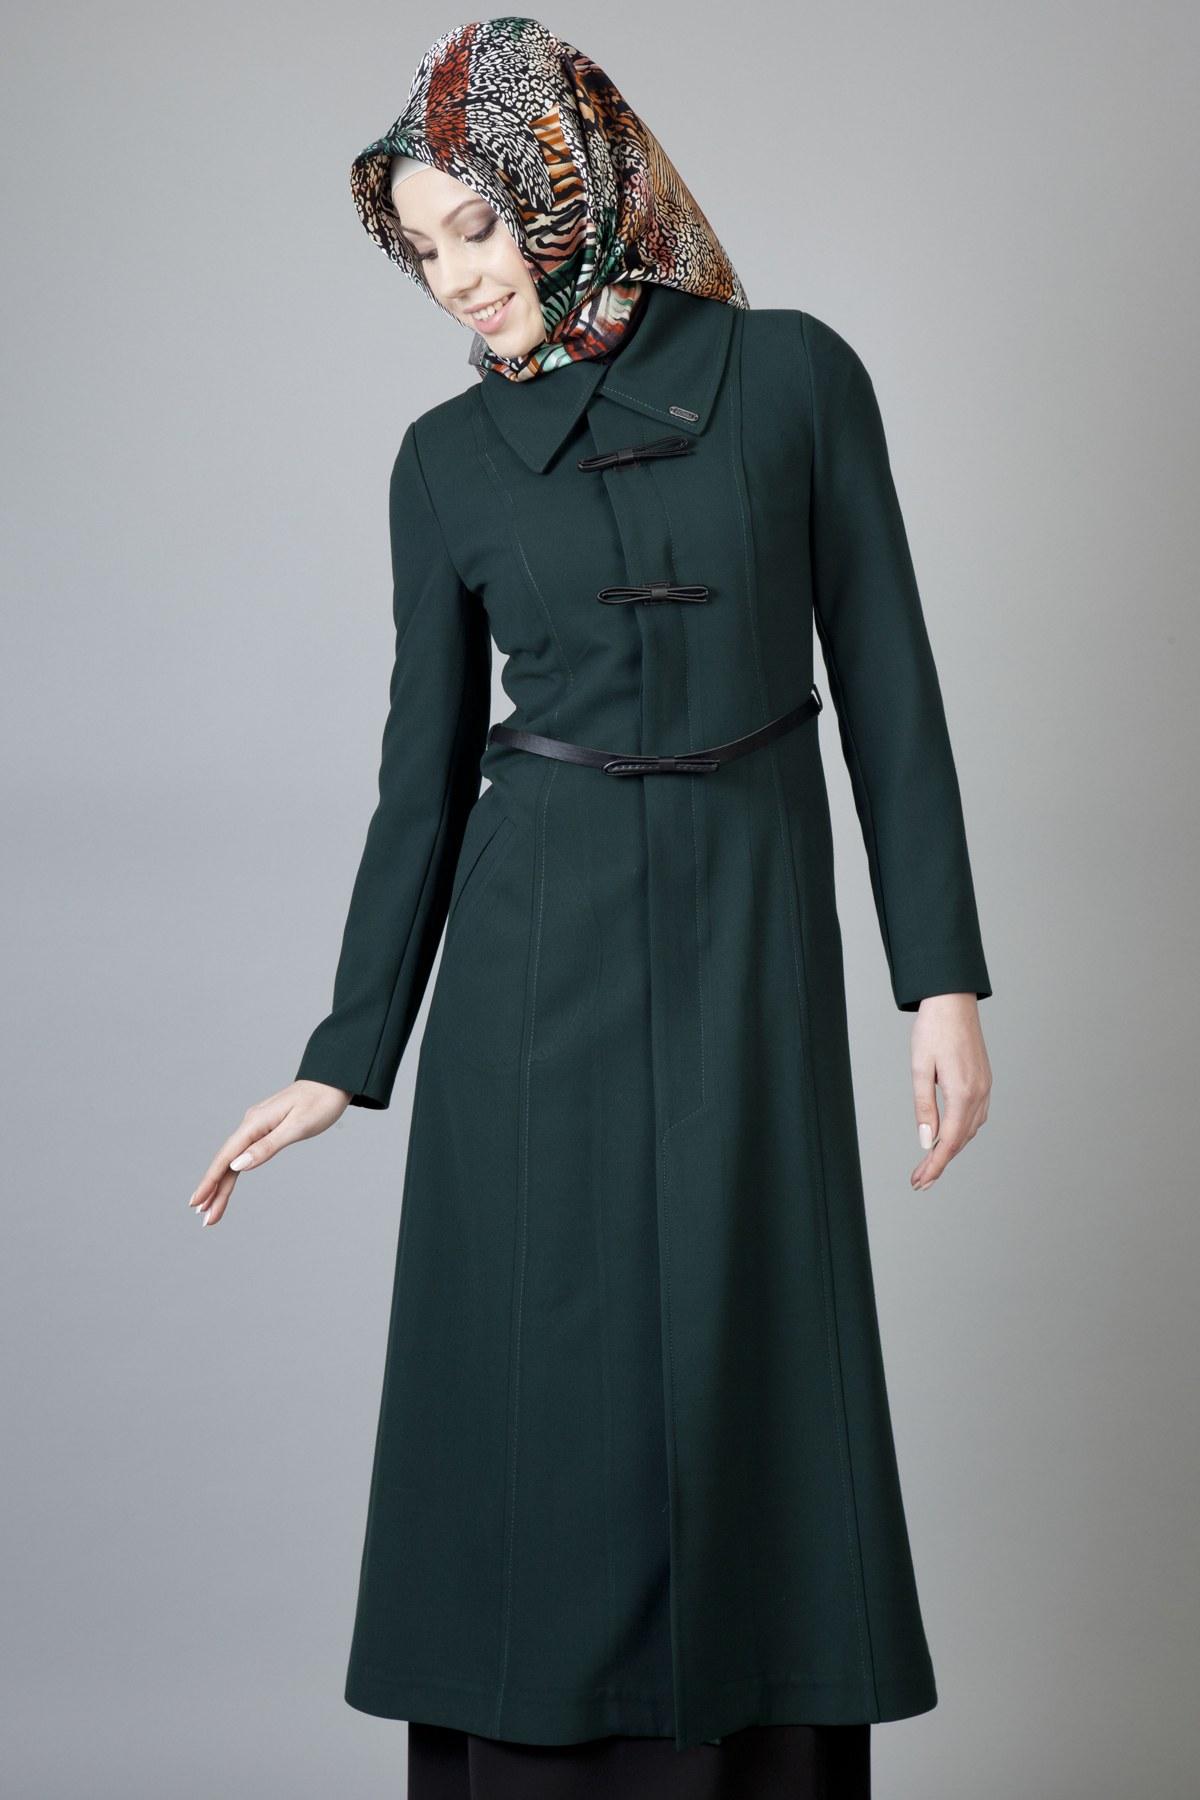 Bentuk Fashion Muslimah Modern D0dg Surcoats for Hijab Girls